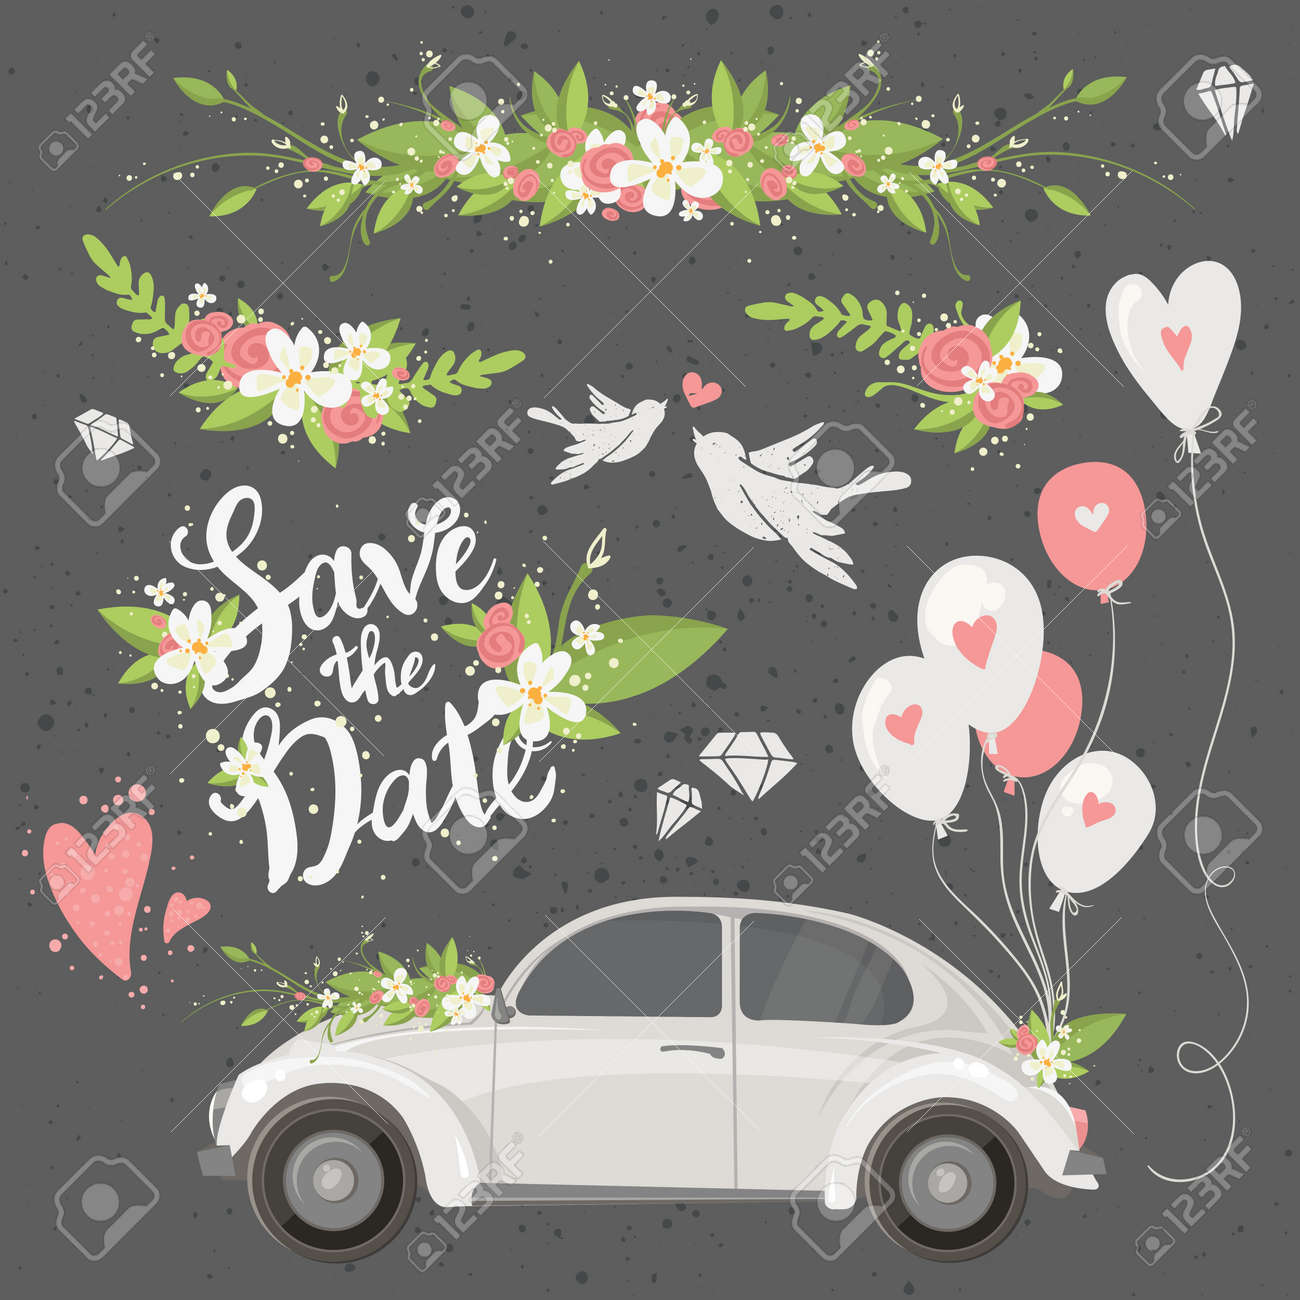 Schone Hochzeit Cliparts Mit Retro Auto Blumen Luftballons Tauben